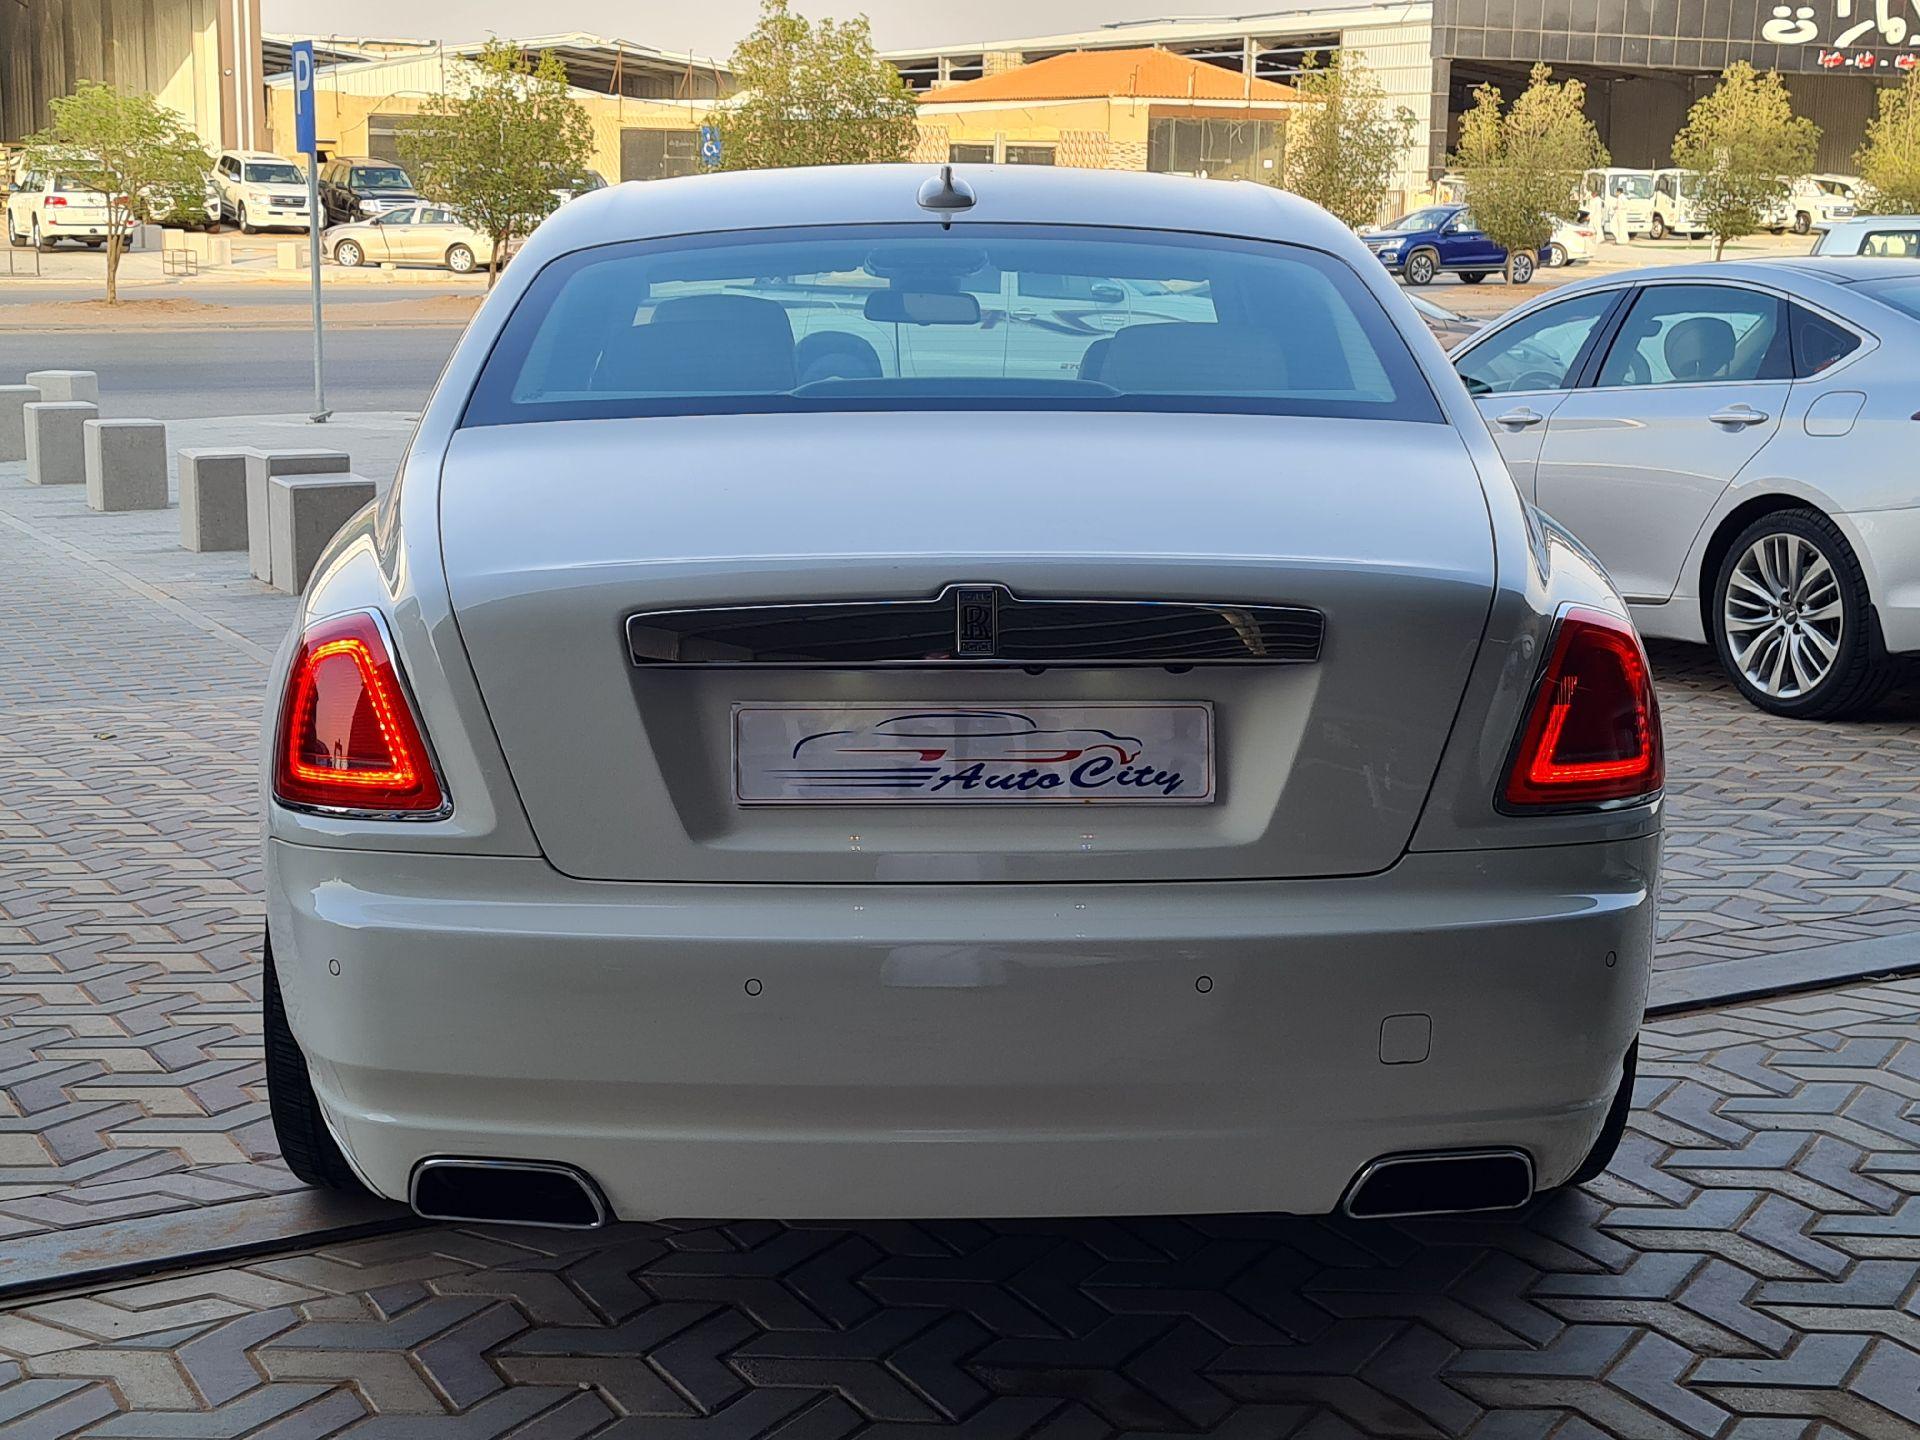 مباع - رولز رویس غوست 2013  سعودي للبيع في الرياض - السعودية - صورة كبيرة - 4